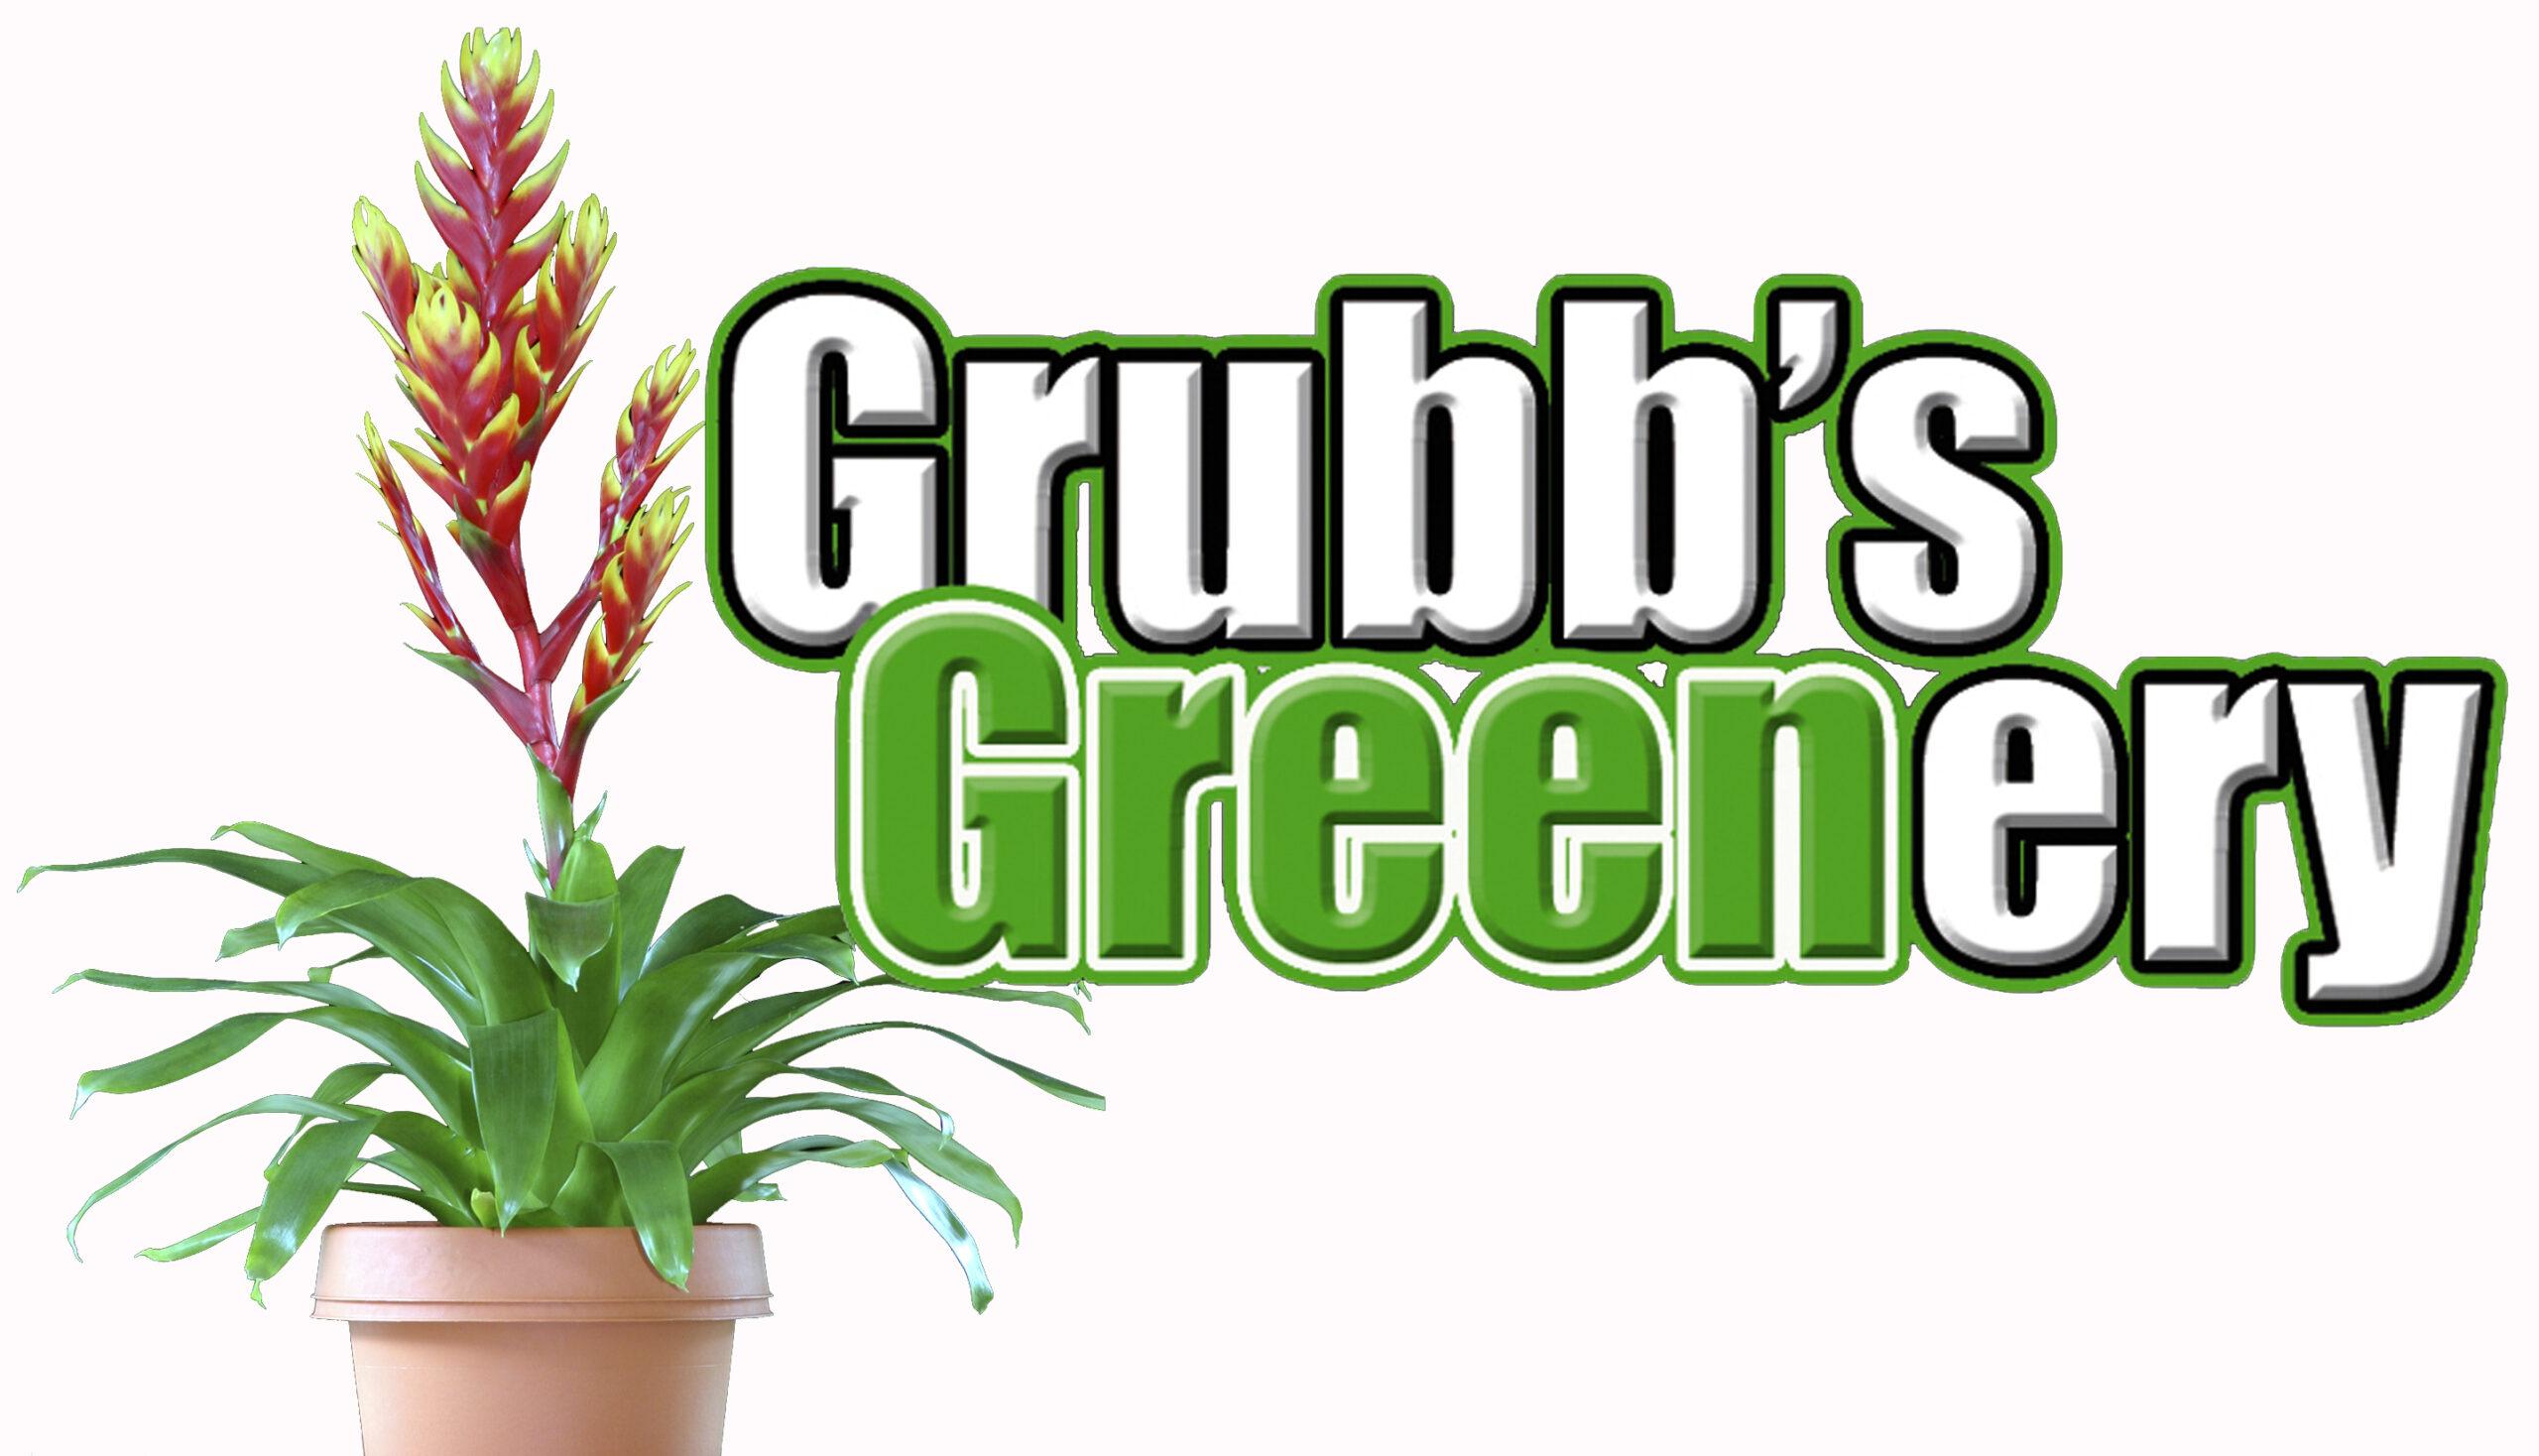 Grubb's Greenery Interior Plant Service